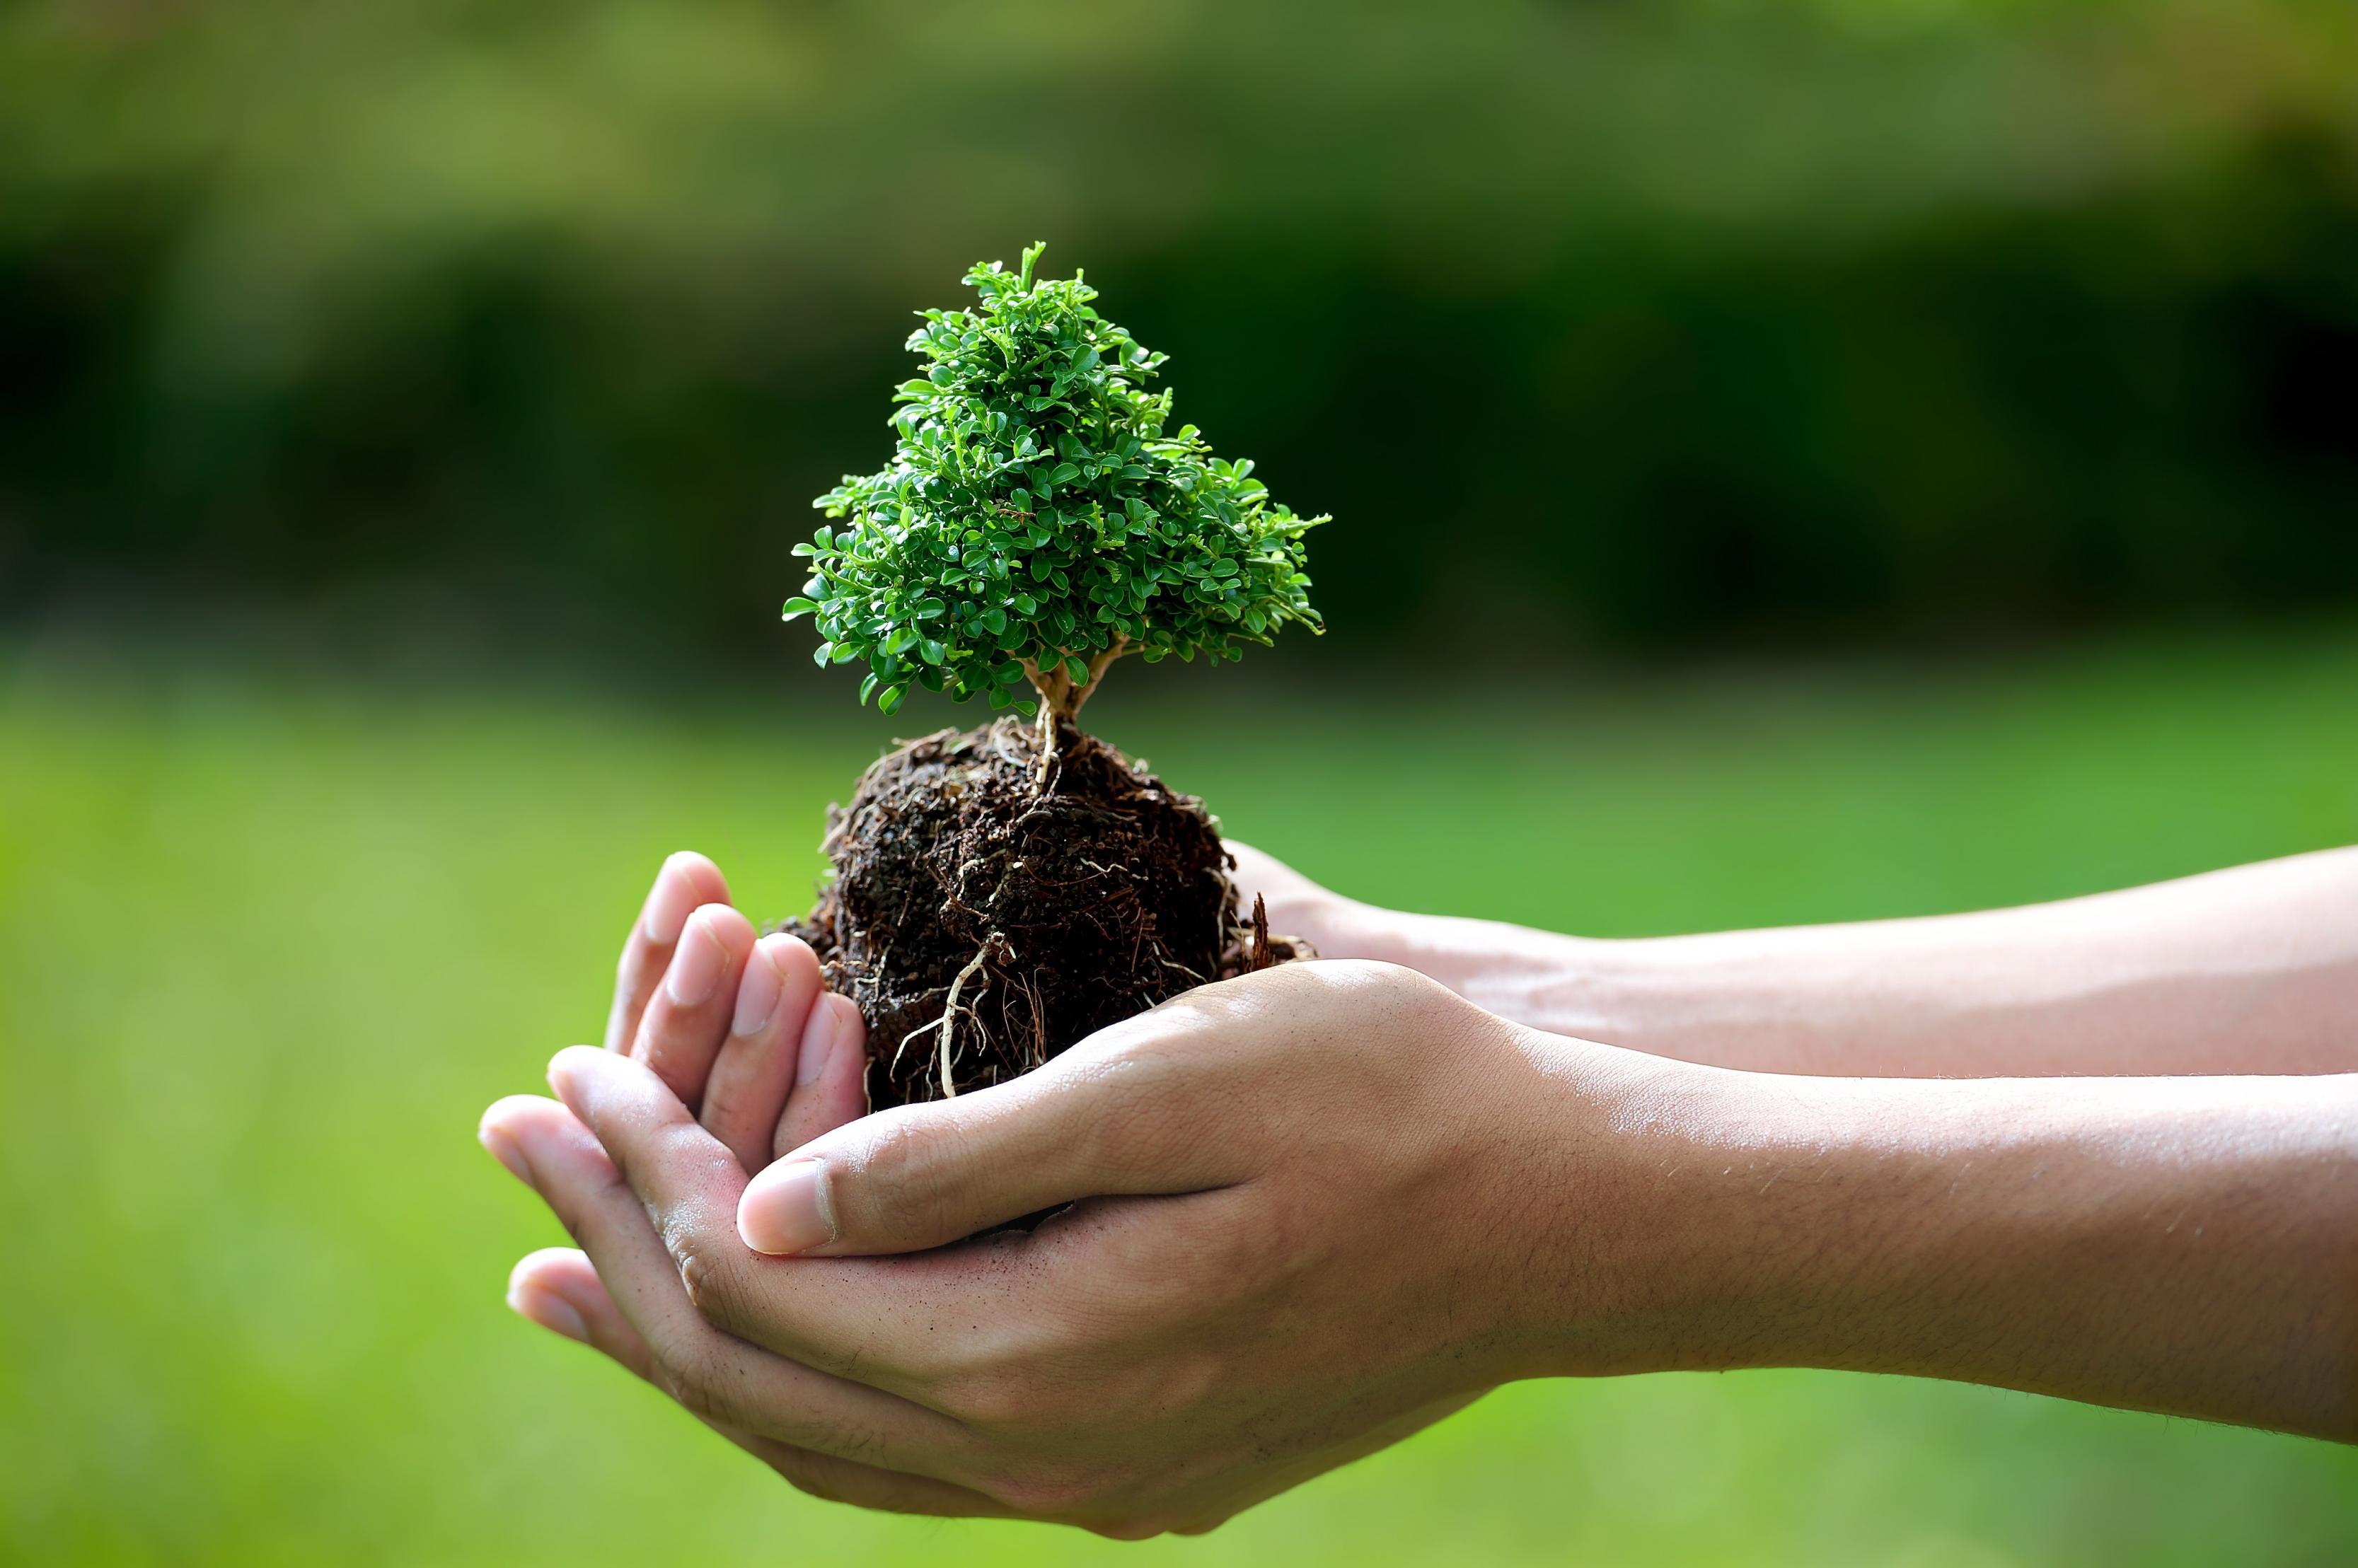 بالصور صور عن البيئة , خلفيات روعة عن البيئة 4188 9